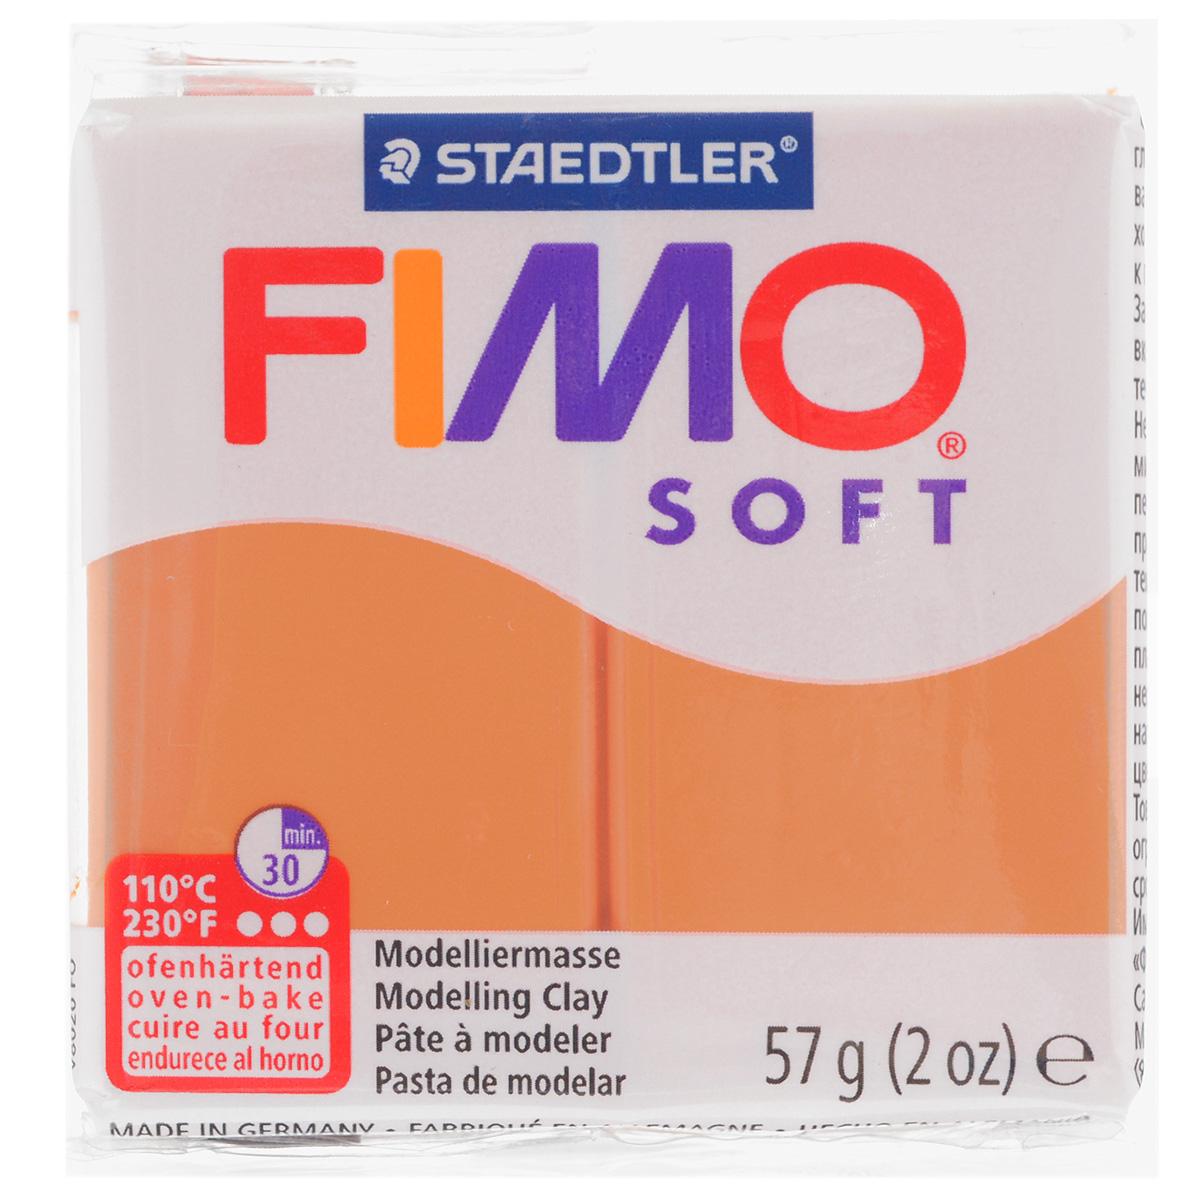 Полимерная глина Fimo Soft, цвет: коньяк (76), 56 г8020-76Мягкая глина на полимерной основе (пластика) Fimo Soft идеально подходит для лепки небольших изделий (украшений, скульптурок, кукол) и для моделирования. Глина обладает отличными пластичными свойствами, хорошо размягчается и лепится, легко смешивается между собой, благодаря чему можно создать огромное количество поделок любых цветов и оттенков. Блок поделен на восемь сегментов, что позволяет легче разделять глину на порции. В домашних условиях готовая поделка выпекается в духовом шкафу при температуре 110°С в течении 15-30 минут (в зависимости от величины изделия). Отвердевшие изделия могут быть раскрашены акриловыми красками, покрыты лаком, склеены друг с другом или с другими материалами. Состав: поливинилхлорид, пластификаторы, неорганические наполнители, цветные пигменты.